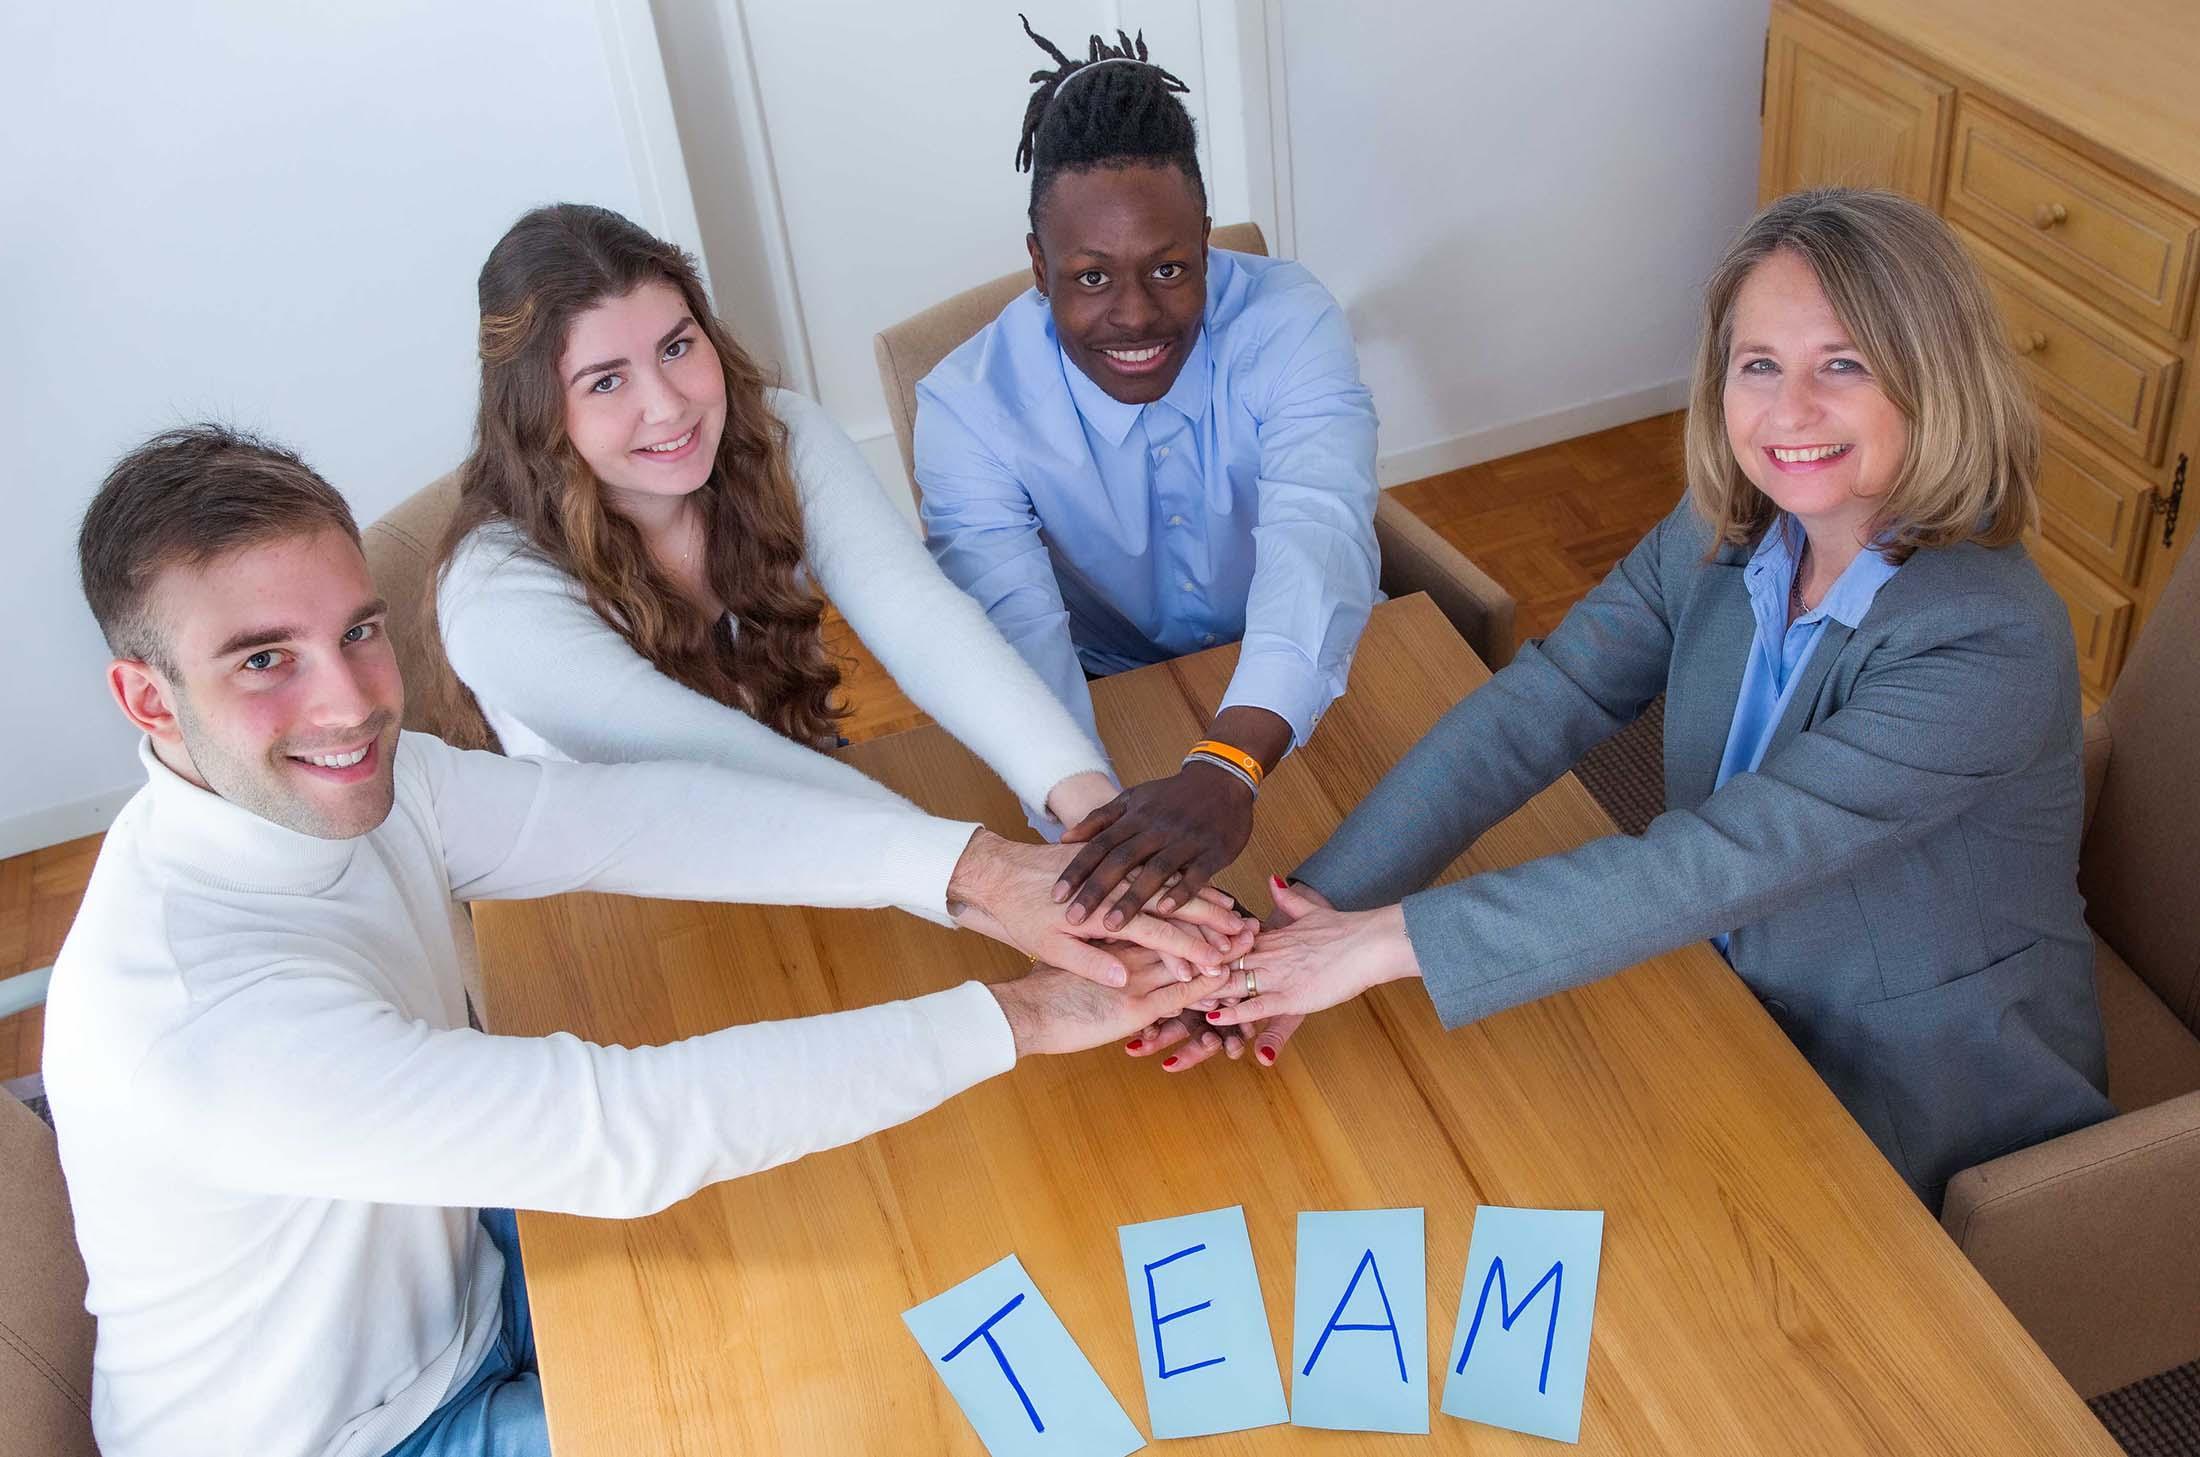 klara-denzin-teamentwicklung-1